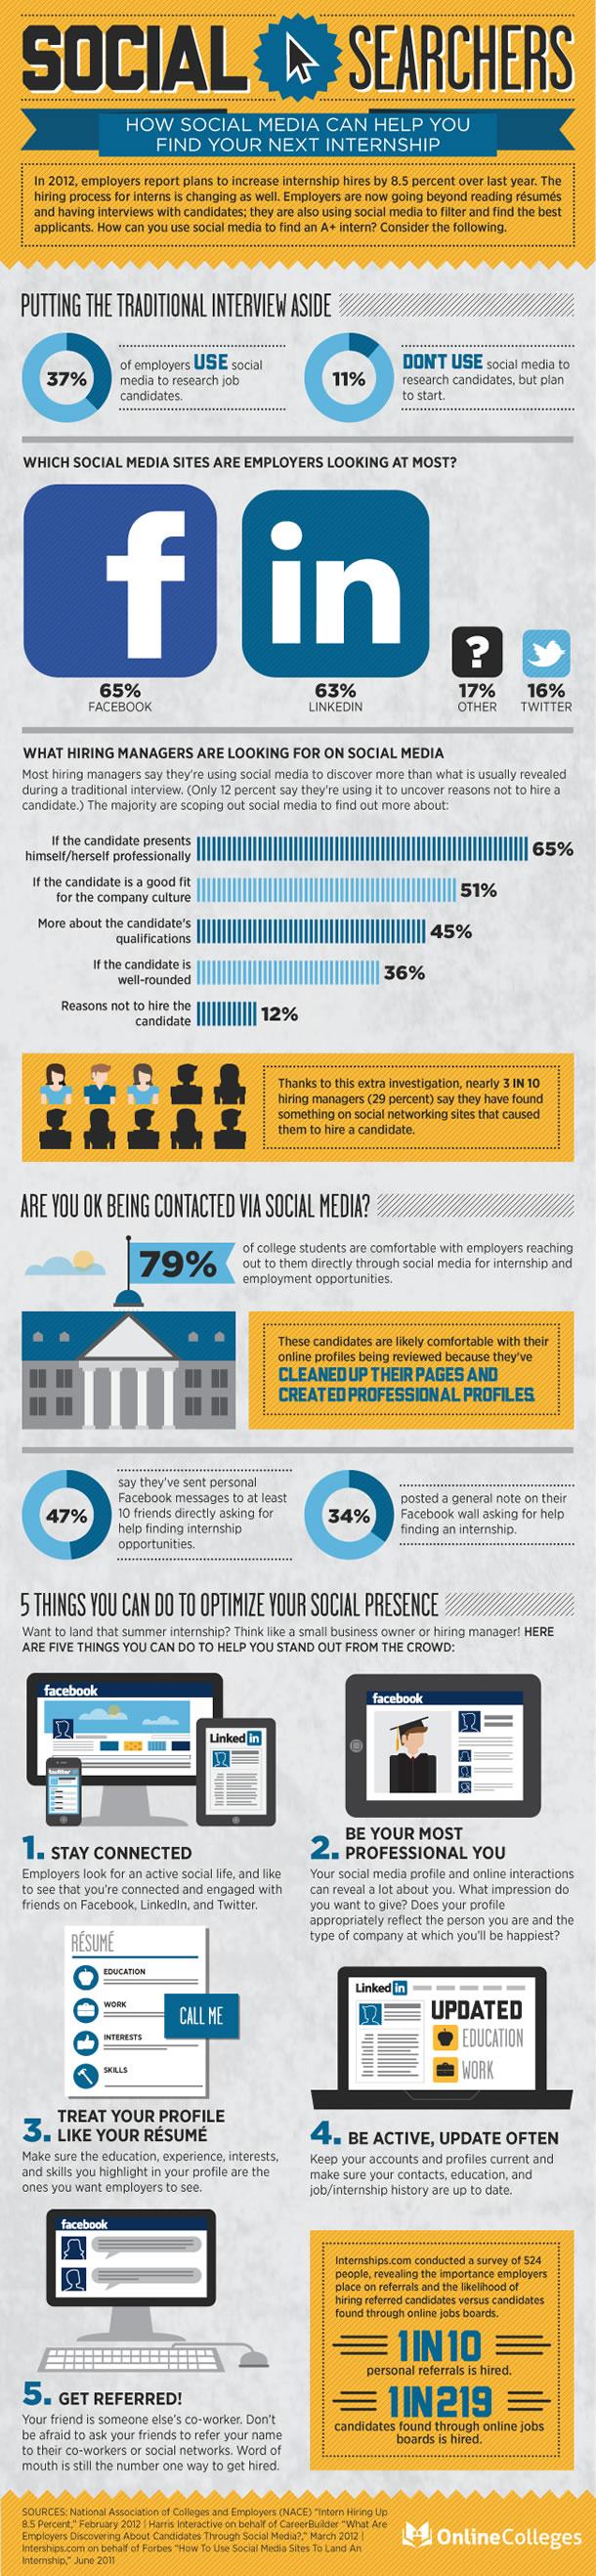 las redes sociales ayudan a encontrar prácticas